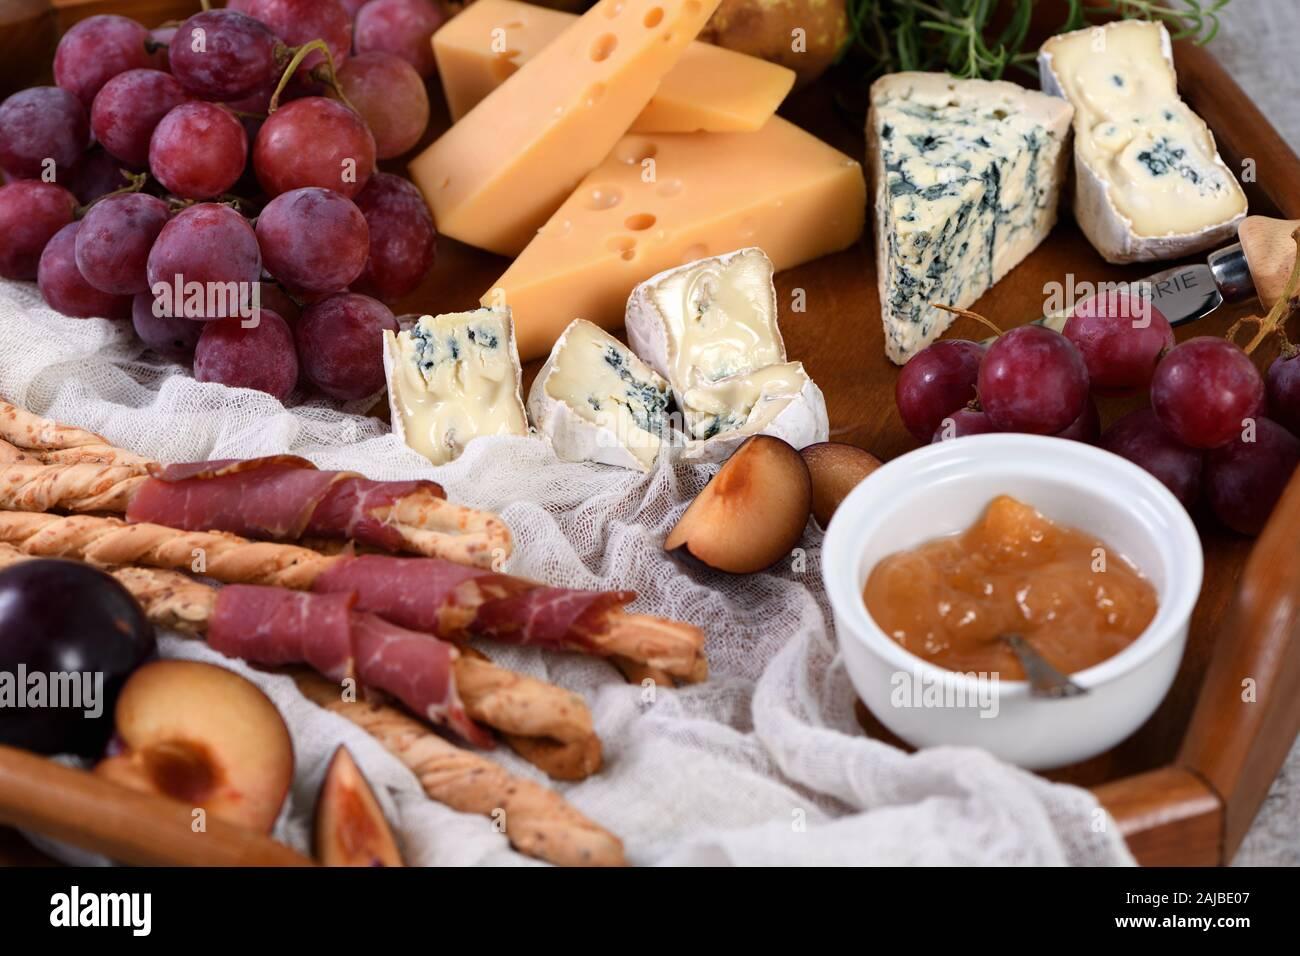 El antipasto. Plato con crujientes grissini envuelto en tocino secados al sol, rebanadas de queso brie, camembert, queso azul, y radamer vid de uva moscatel con FRU Foto de stock